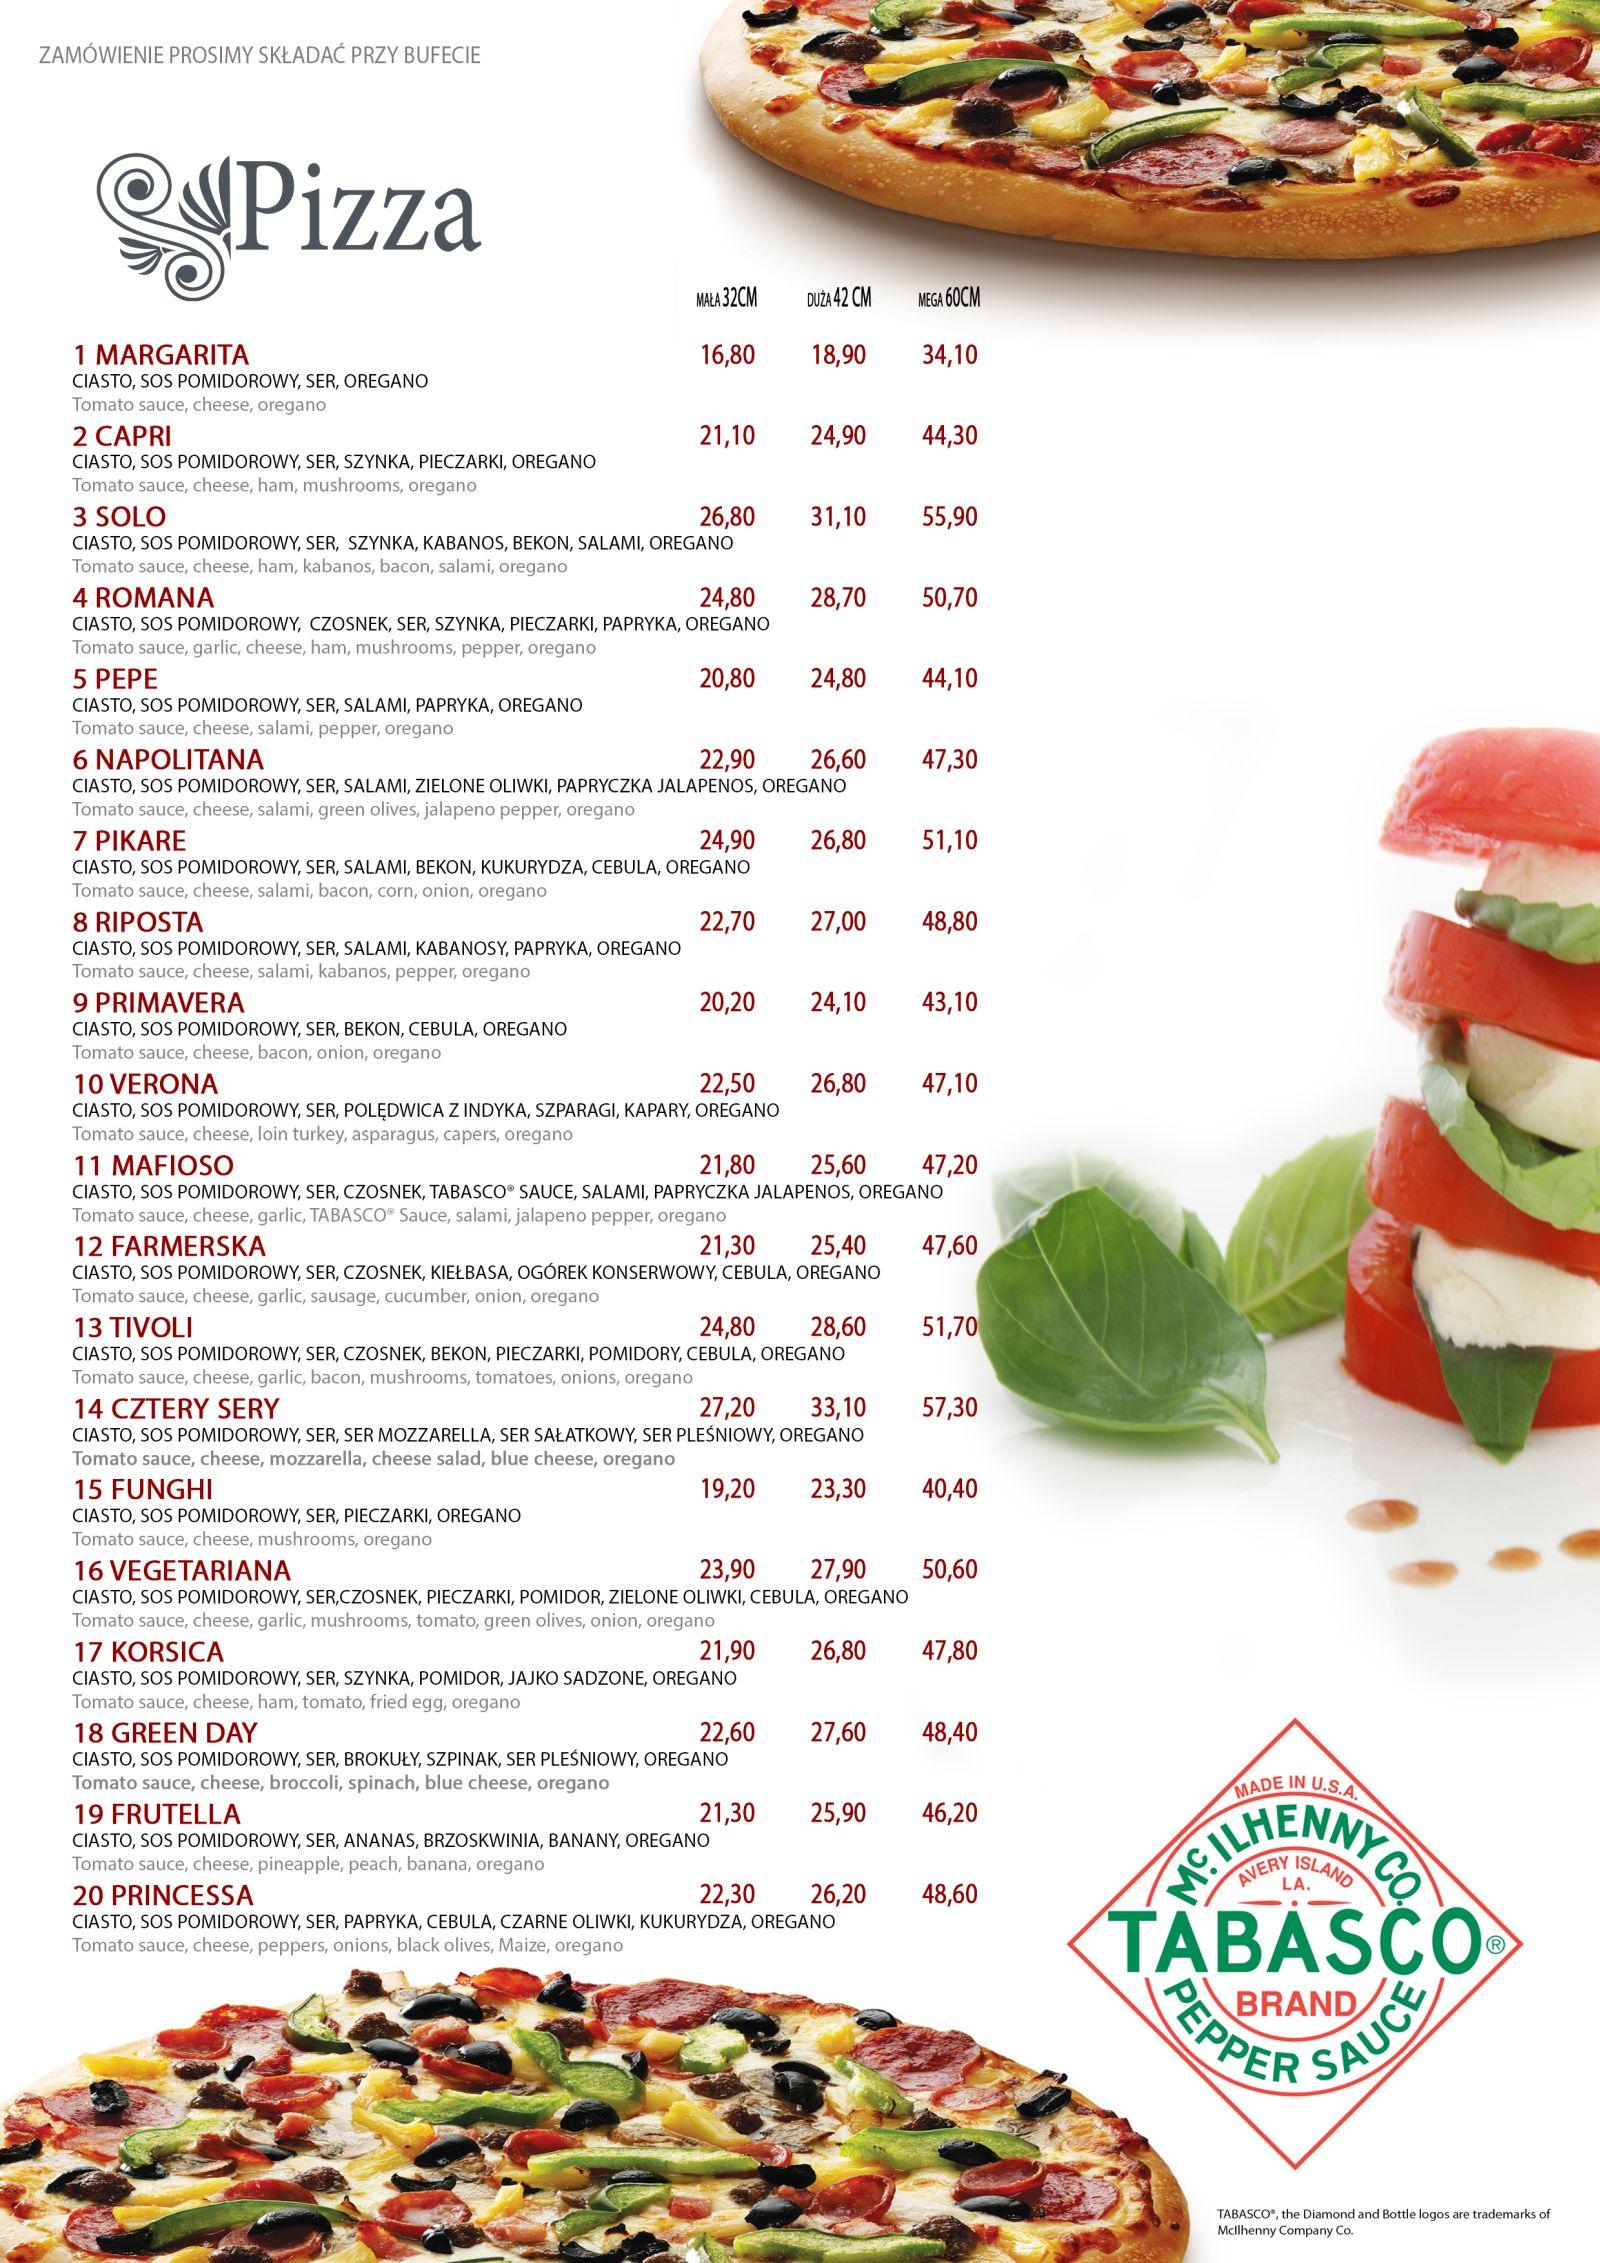 nev menu riposta str1 pizza